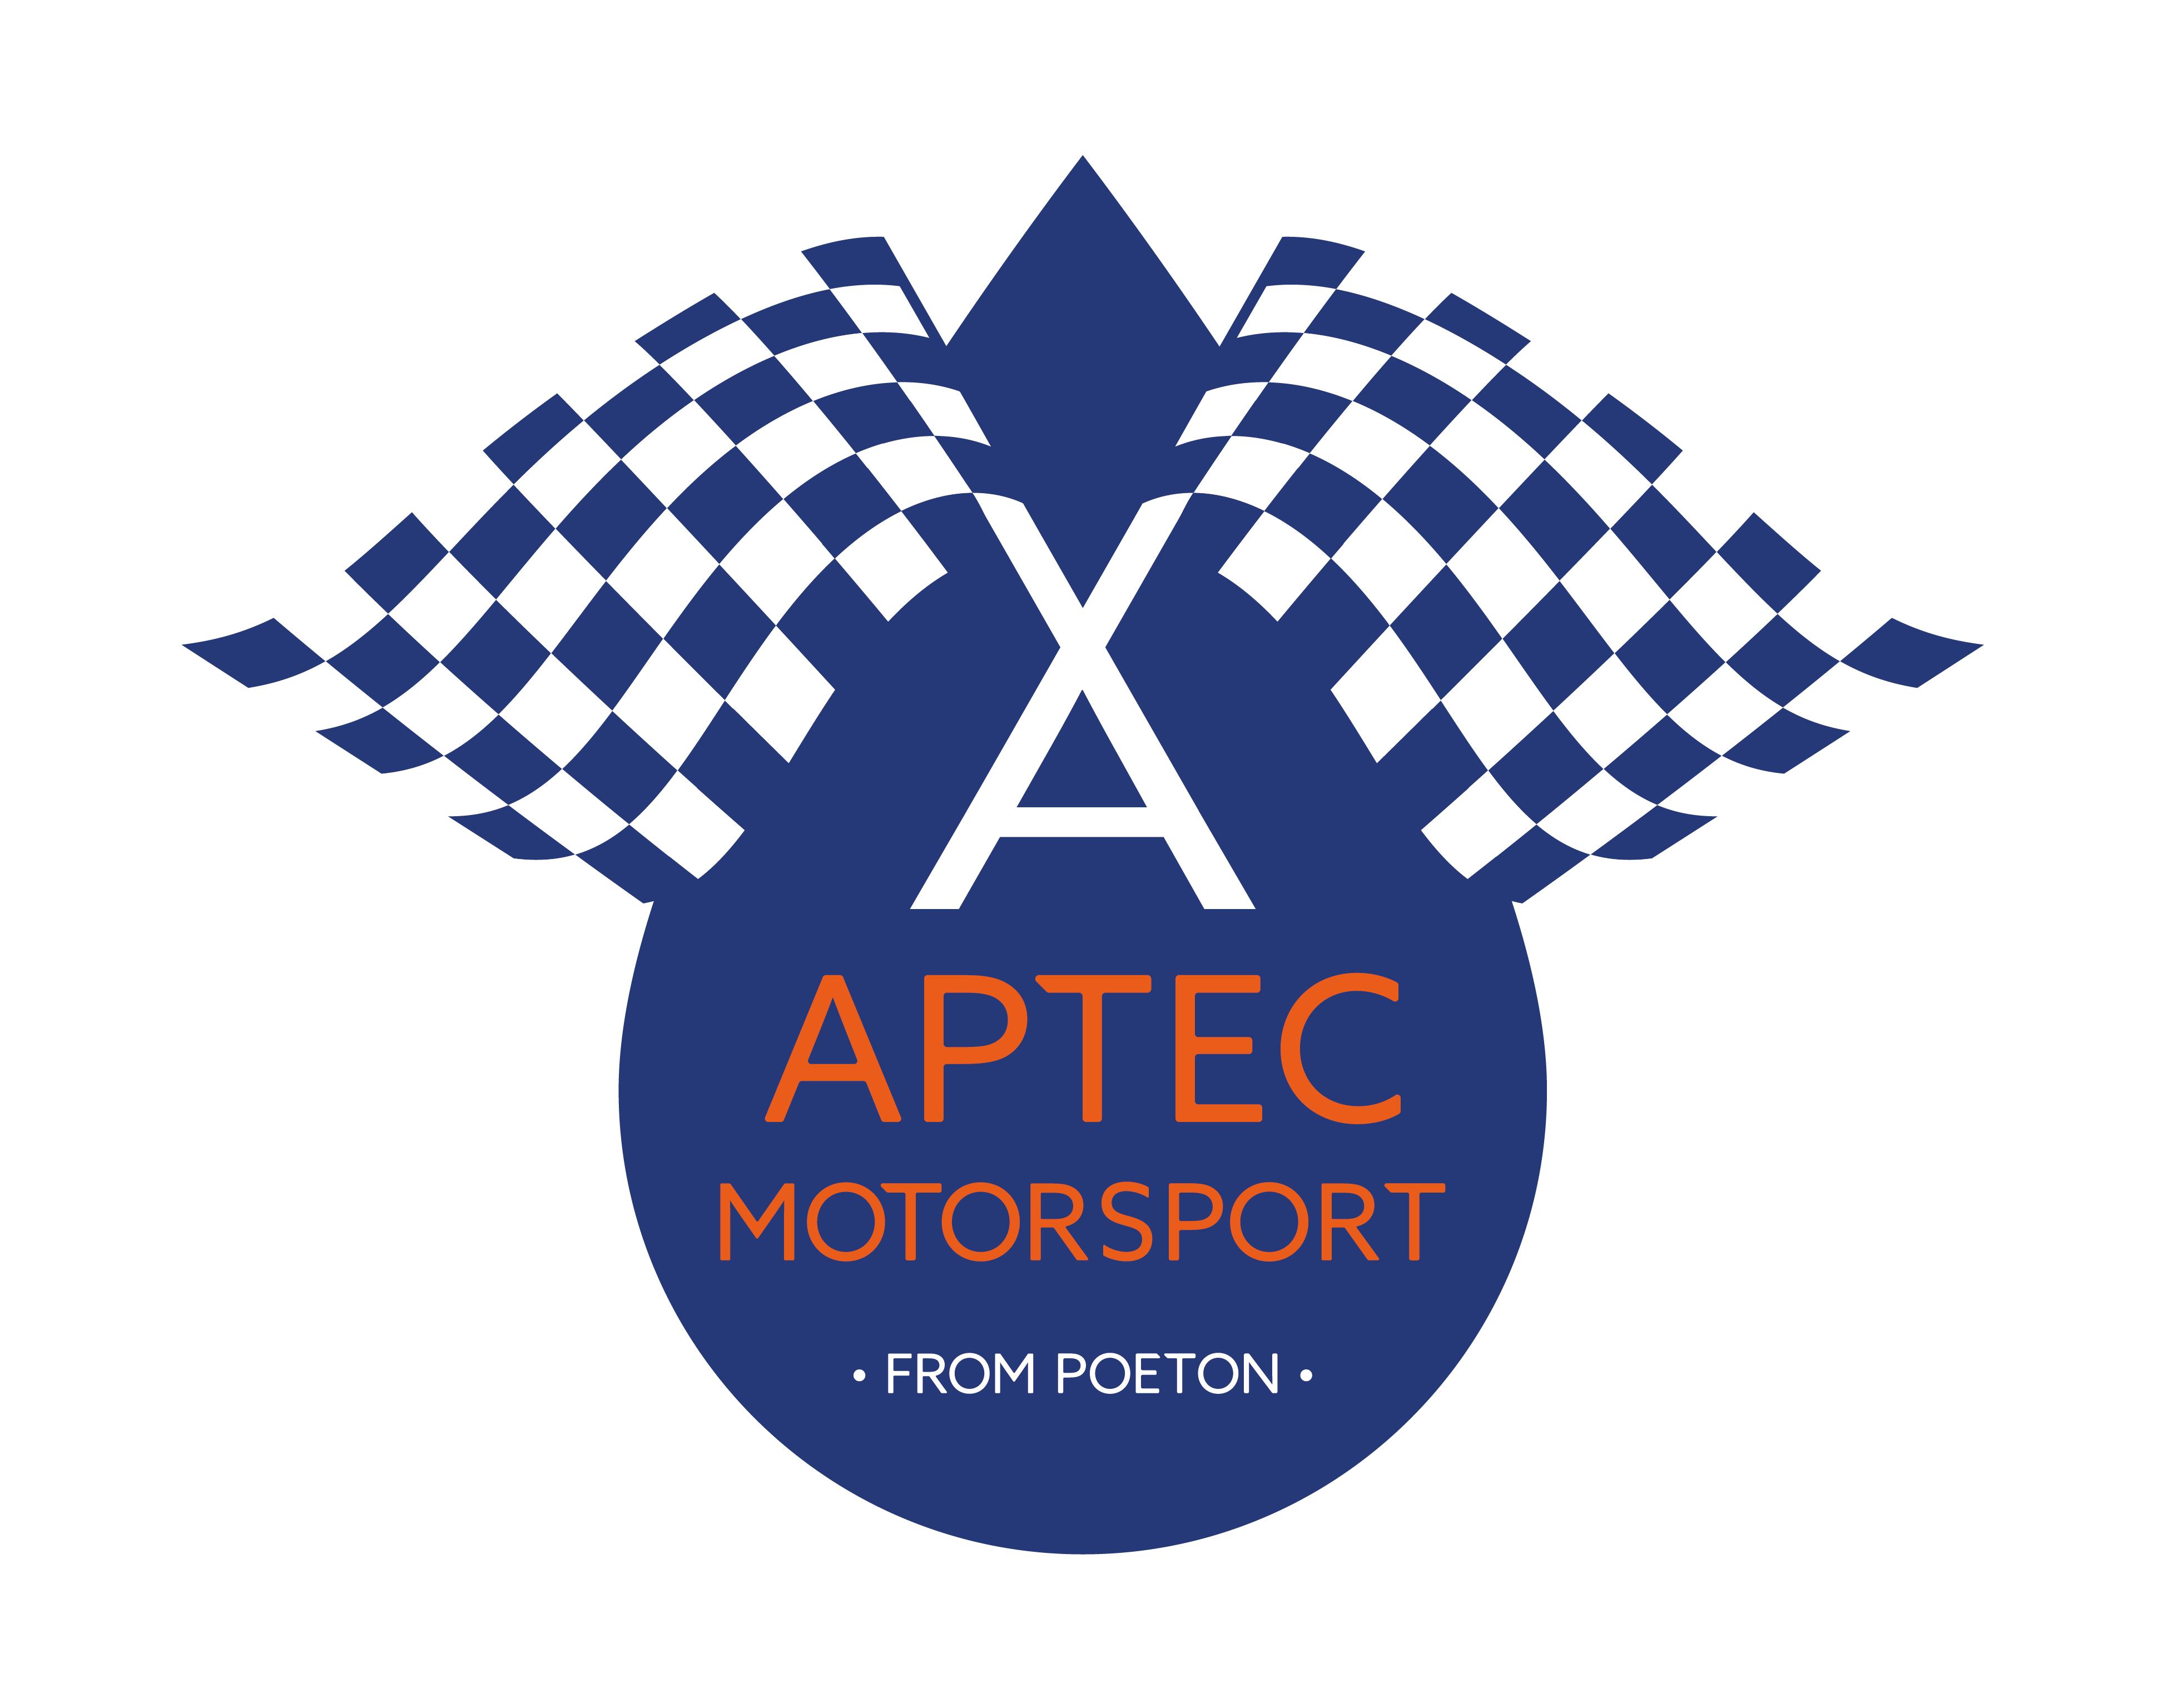 Aptec motorsport logo